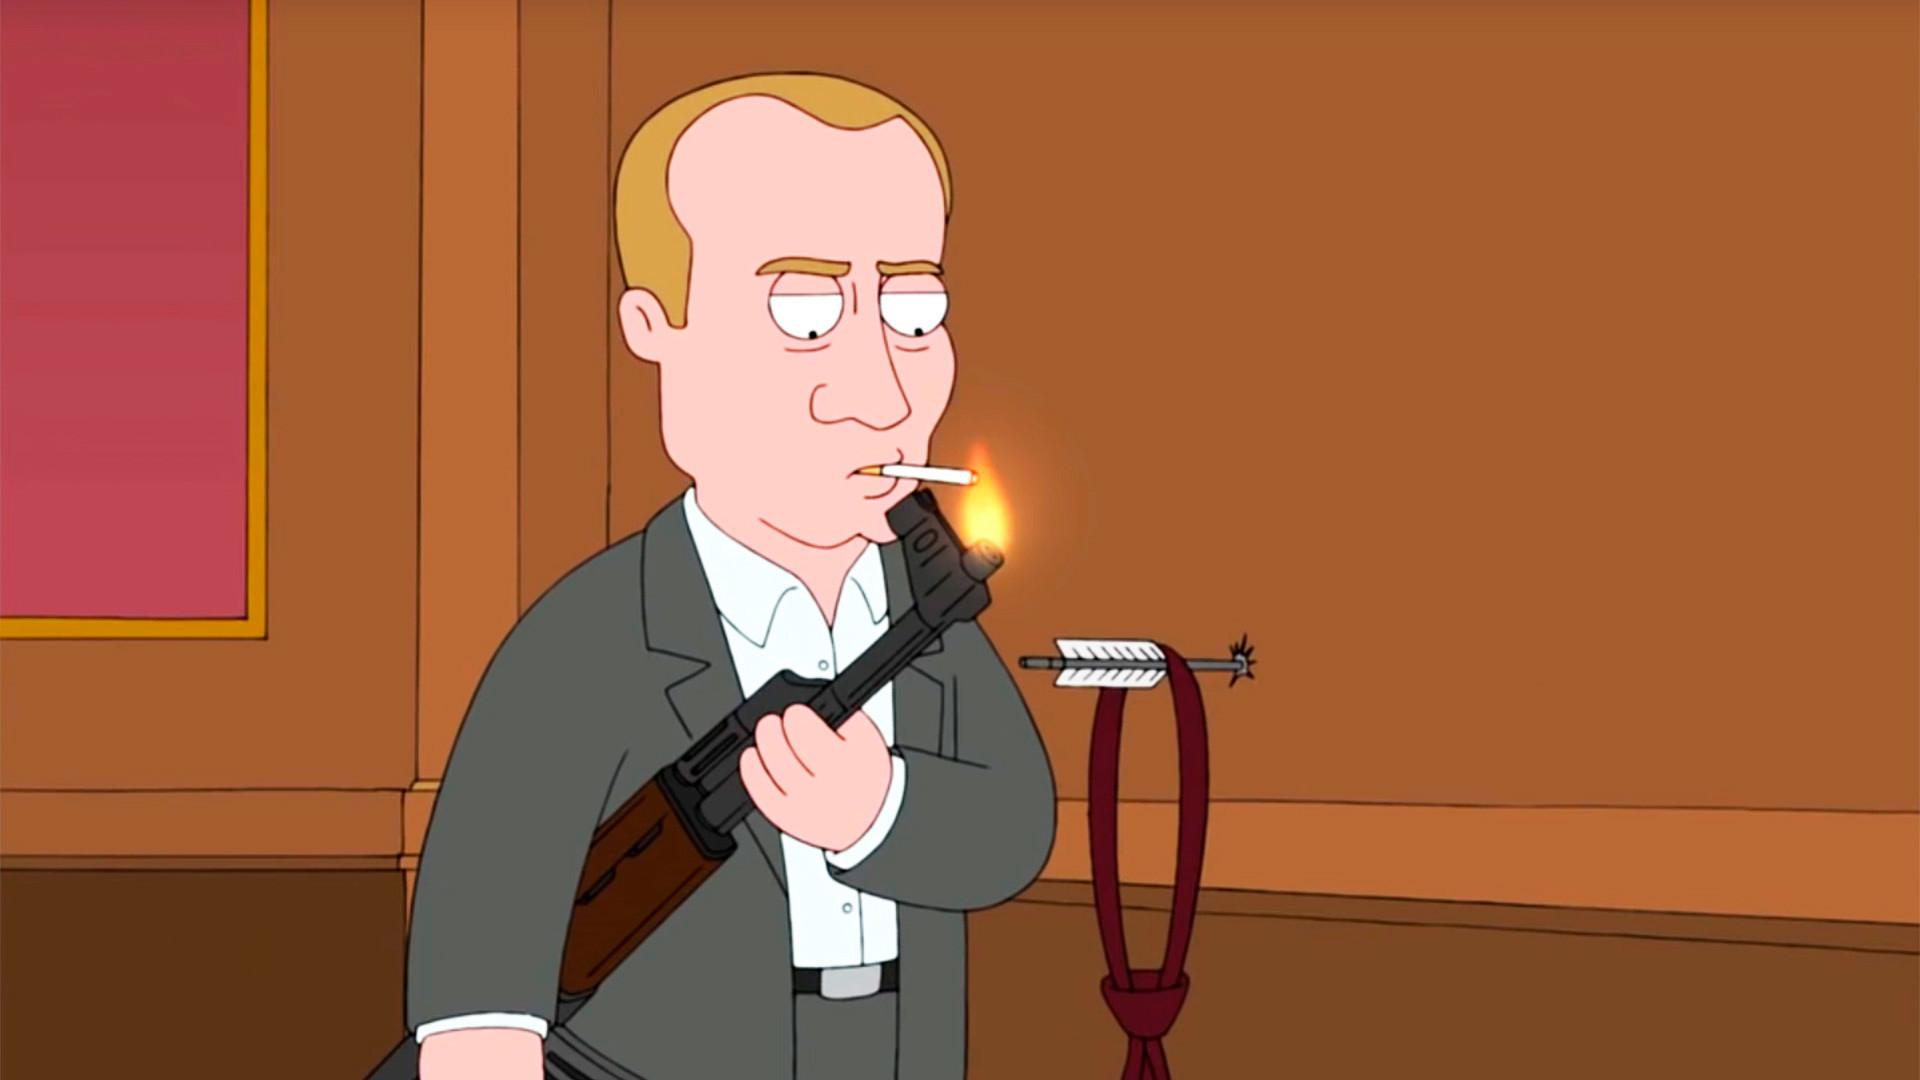 Vladimir Putin dalam serial kartun Family Guy.